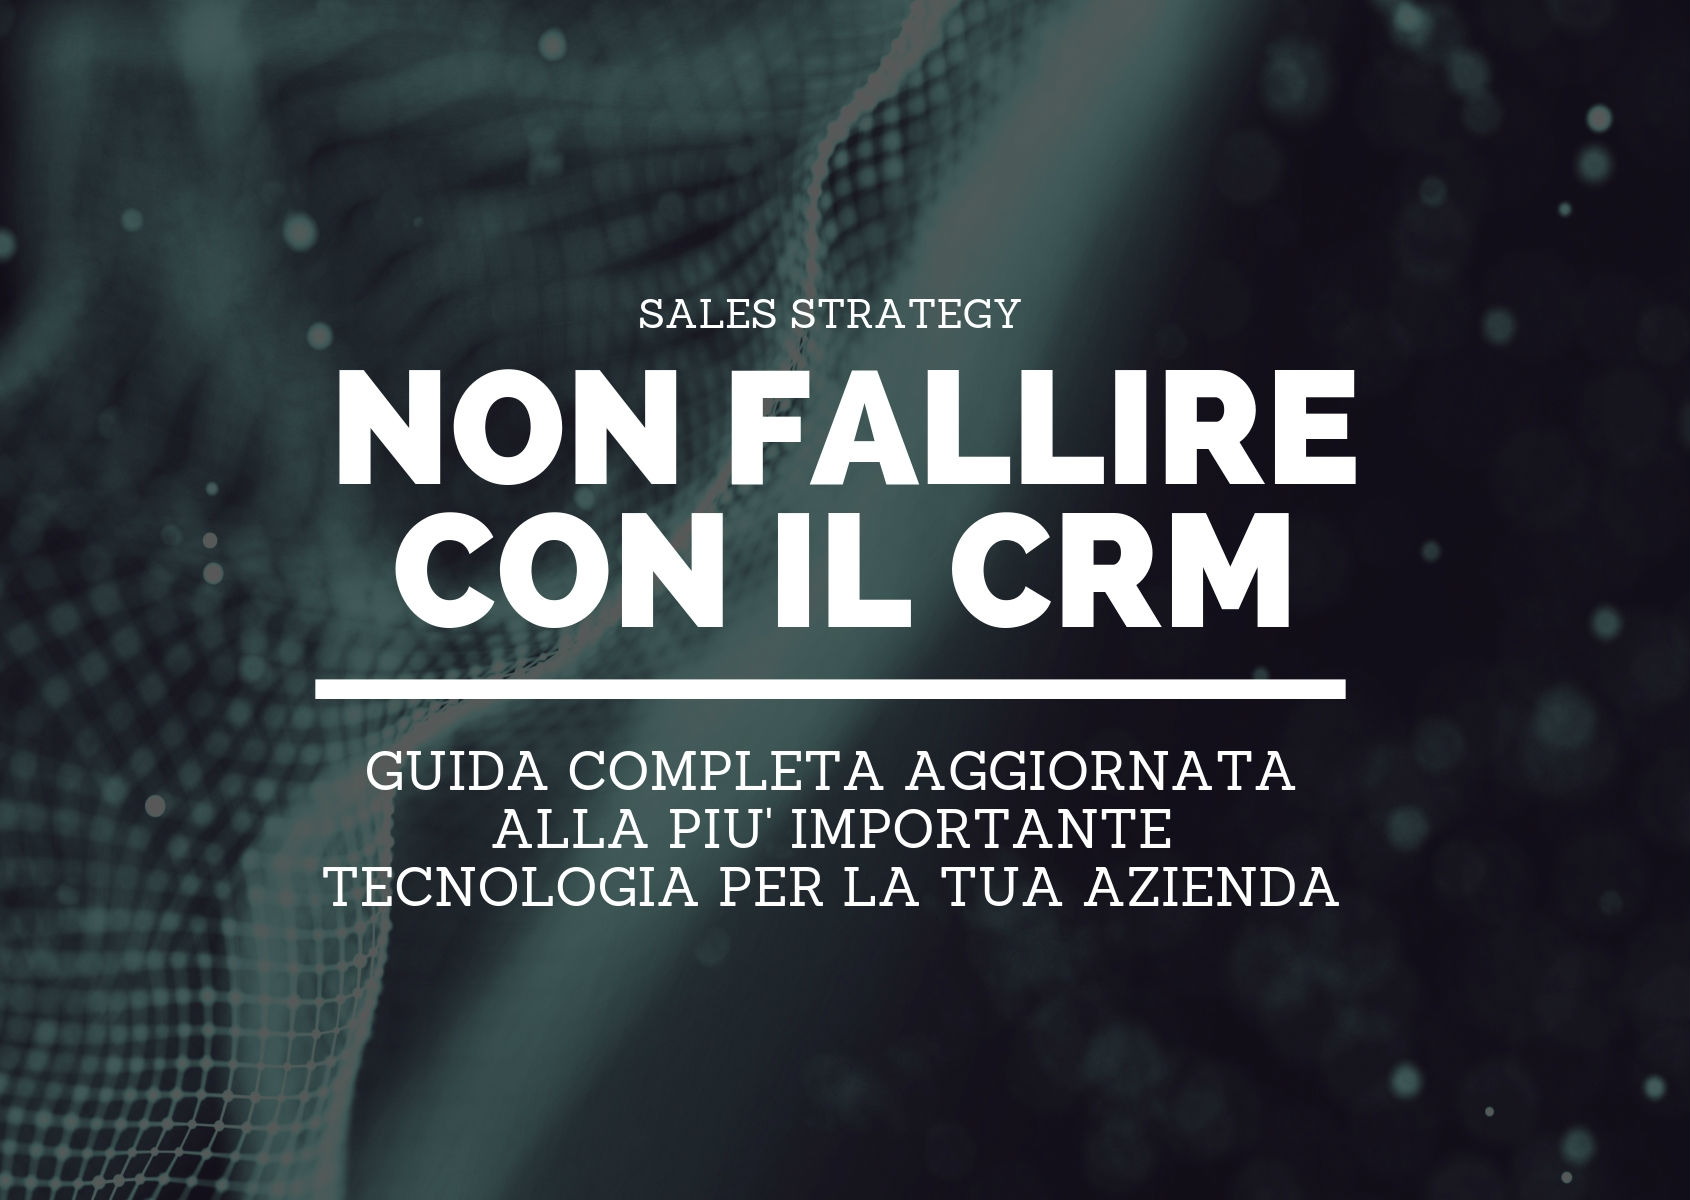 Perché l'implementazione di un CRM fallisce